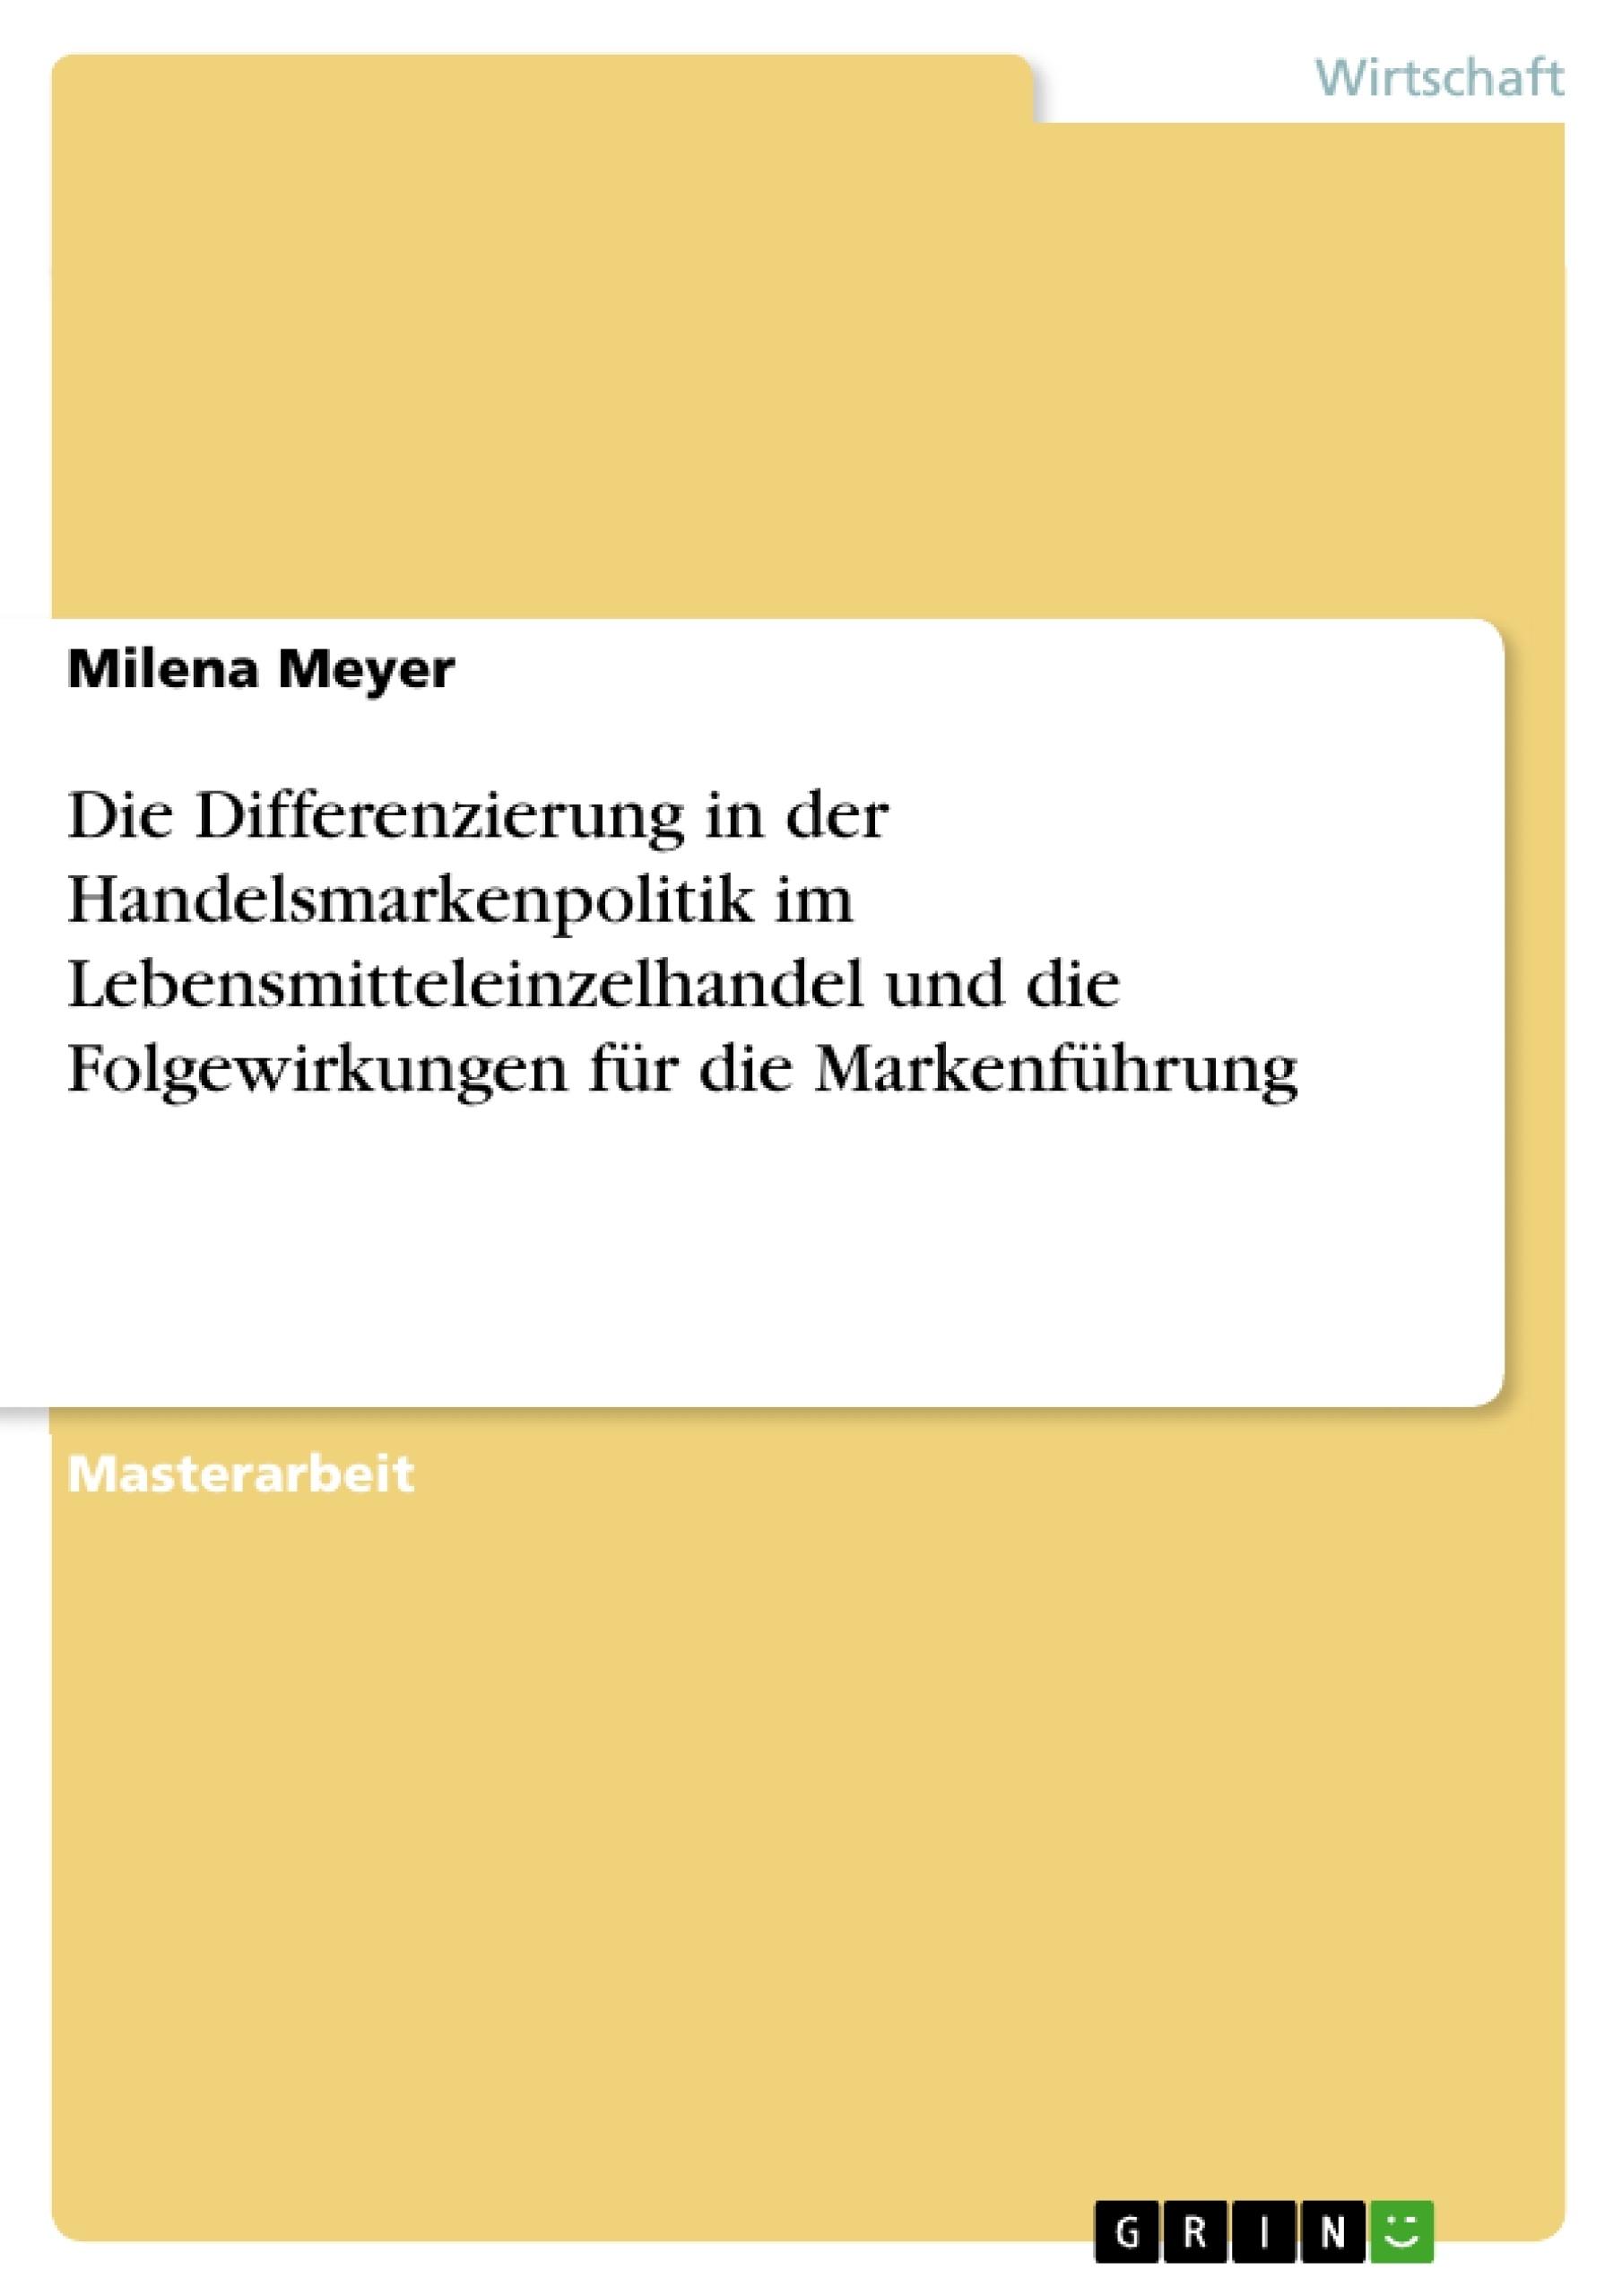 Titel: Die Differenzierung in der Handelsmarkenpolitik im Lebensmitteleinzelhandel und die Folgewirkungen für die Markenführung